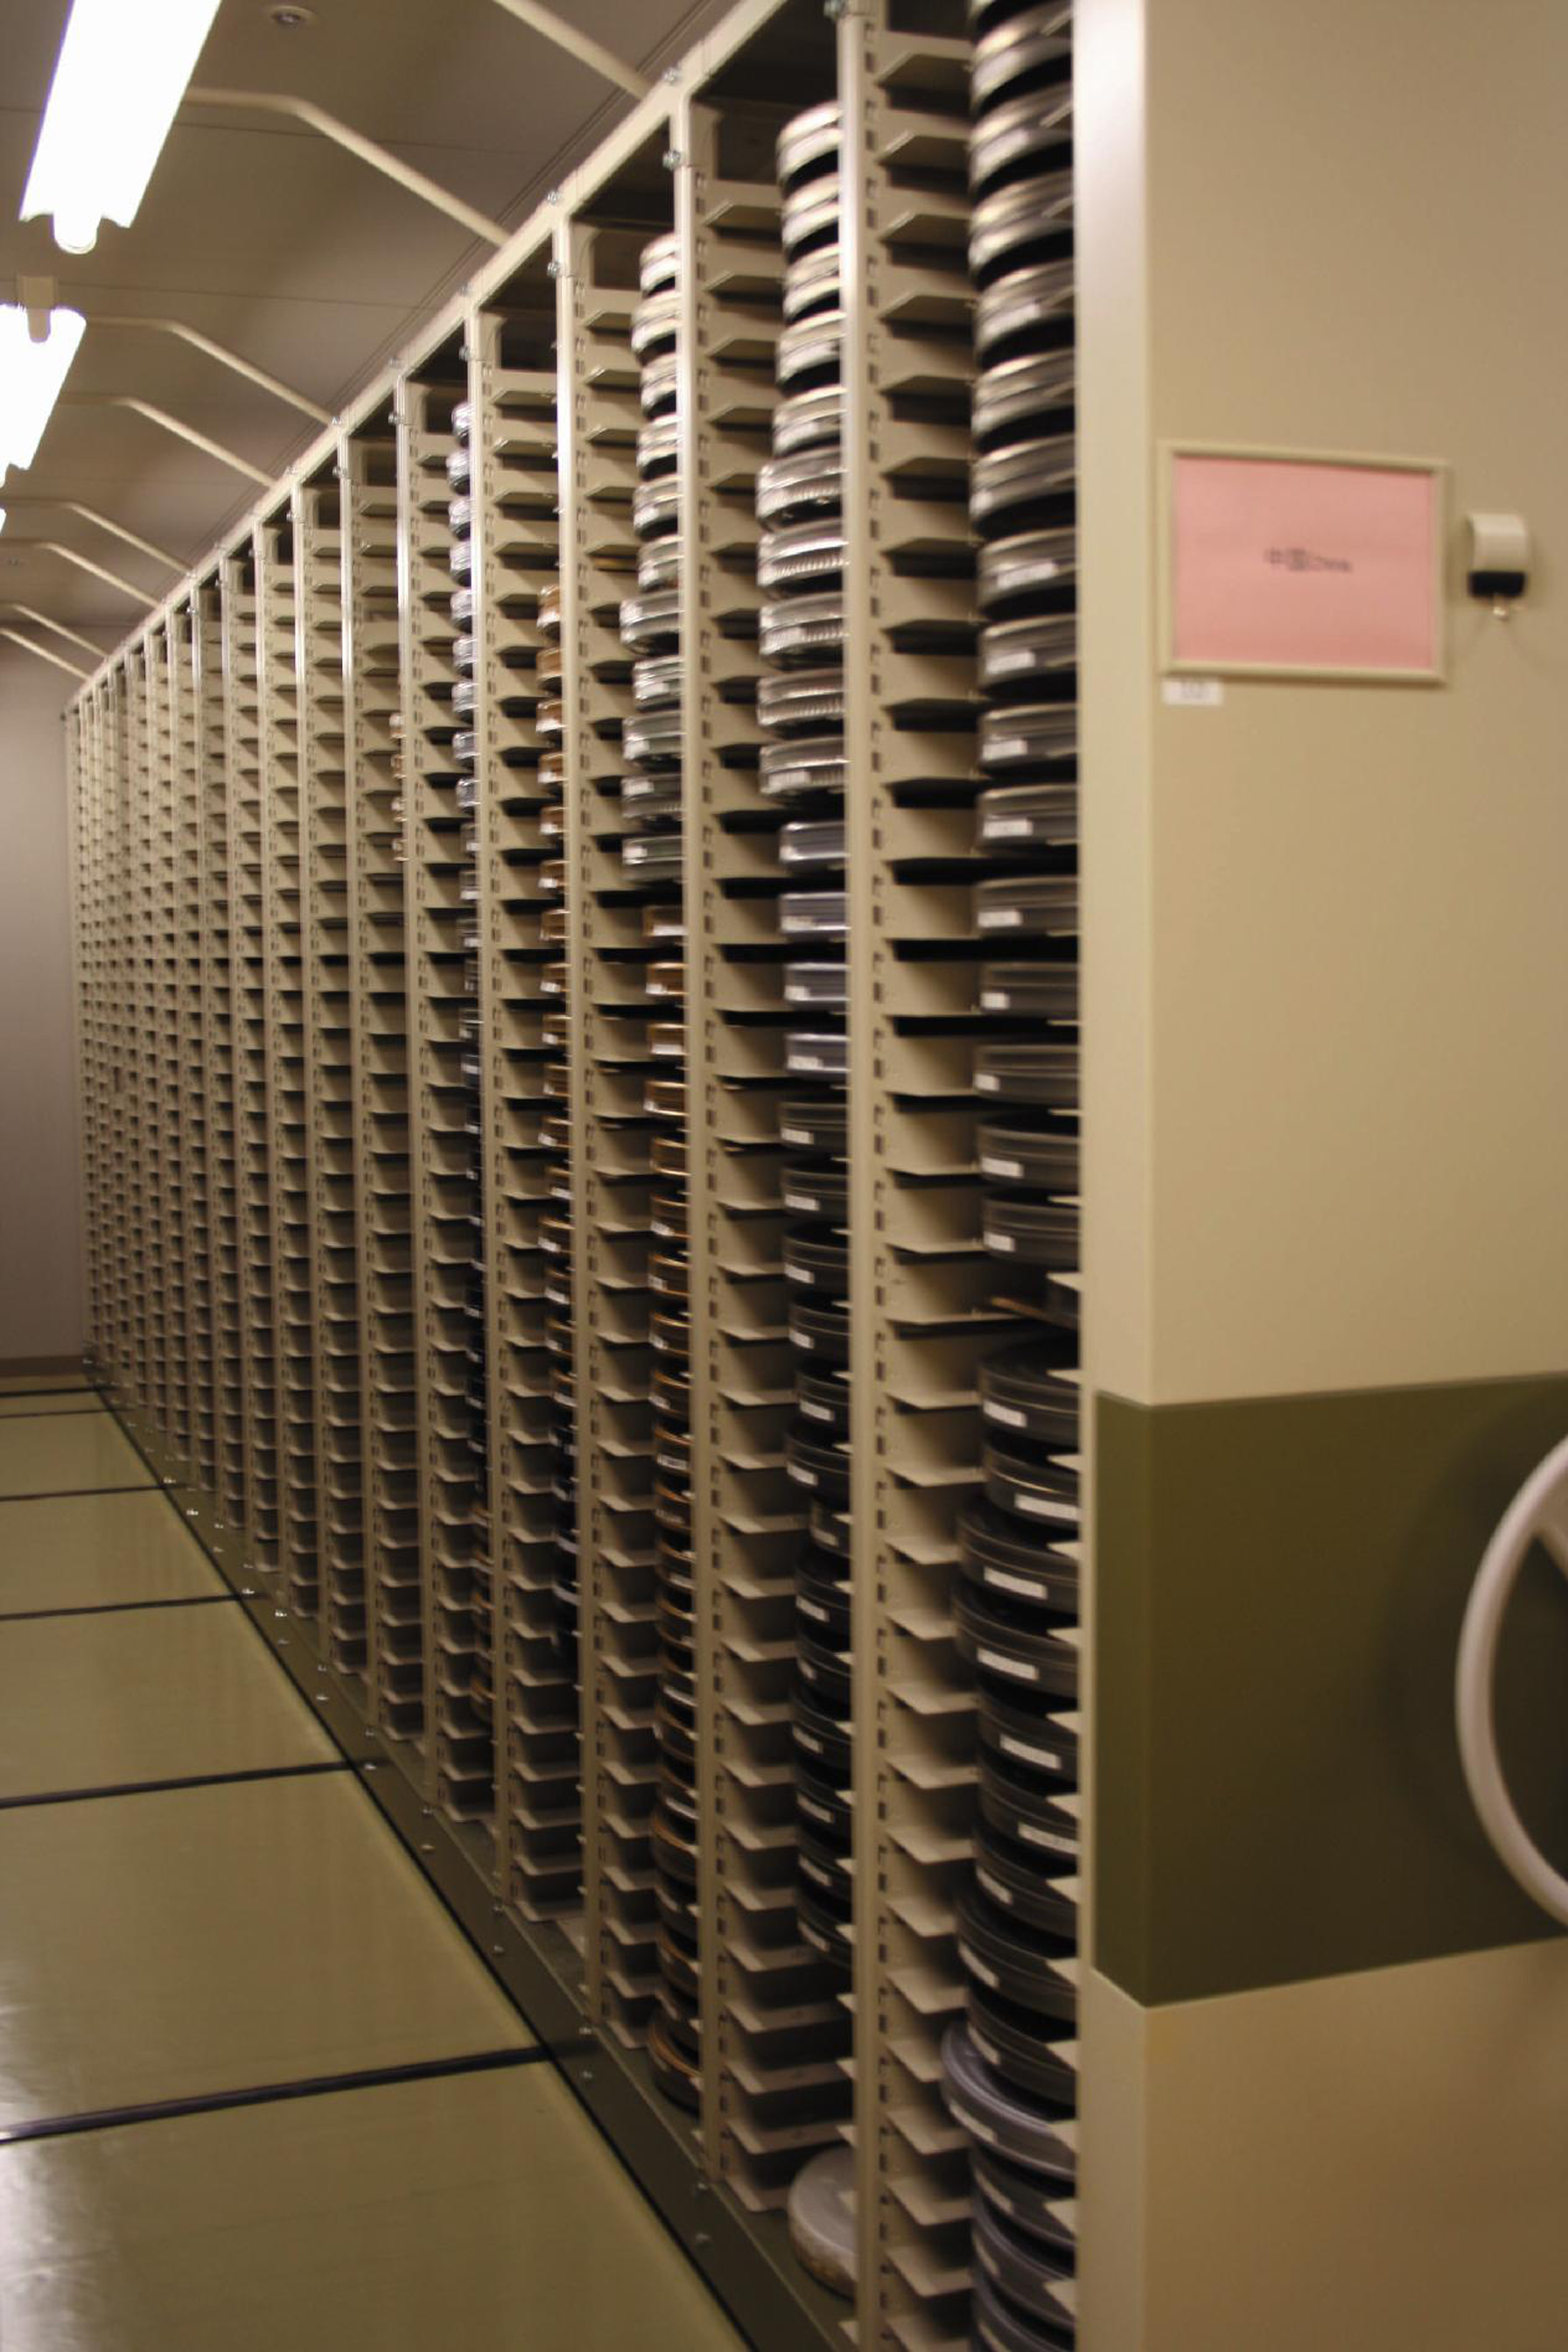 総合図書館のフィルム収蔵庫(撮影年不明)の画像